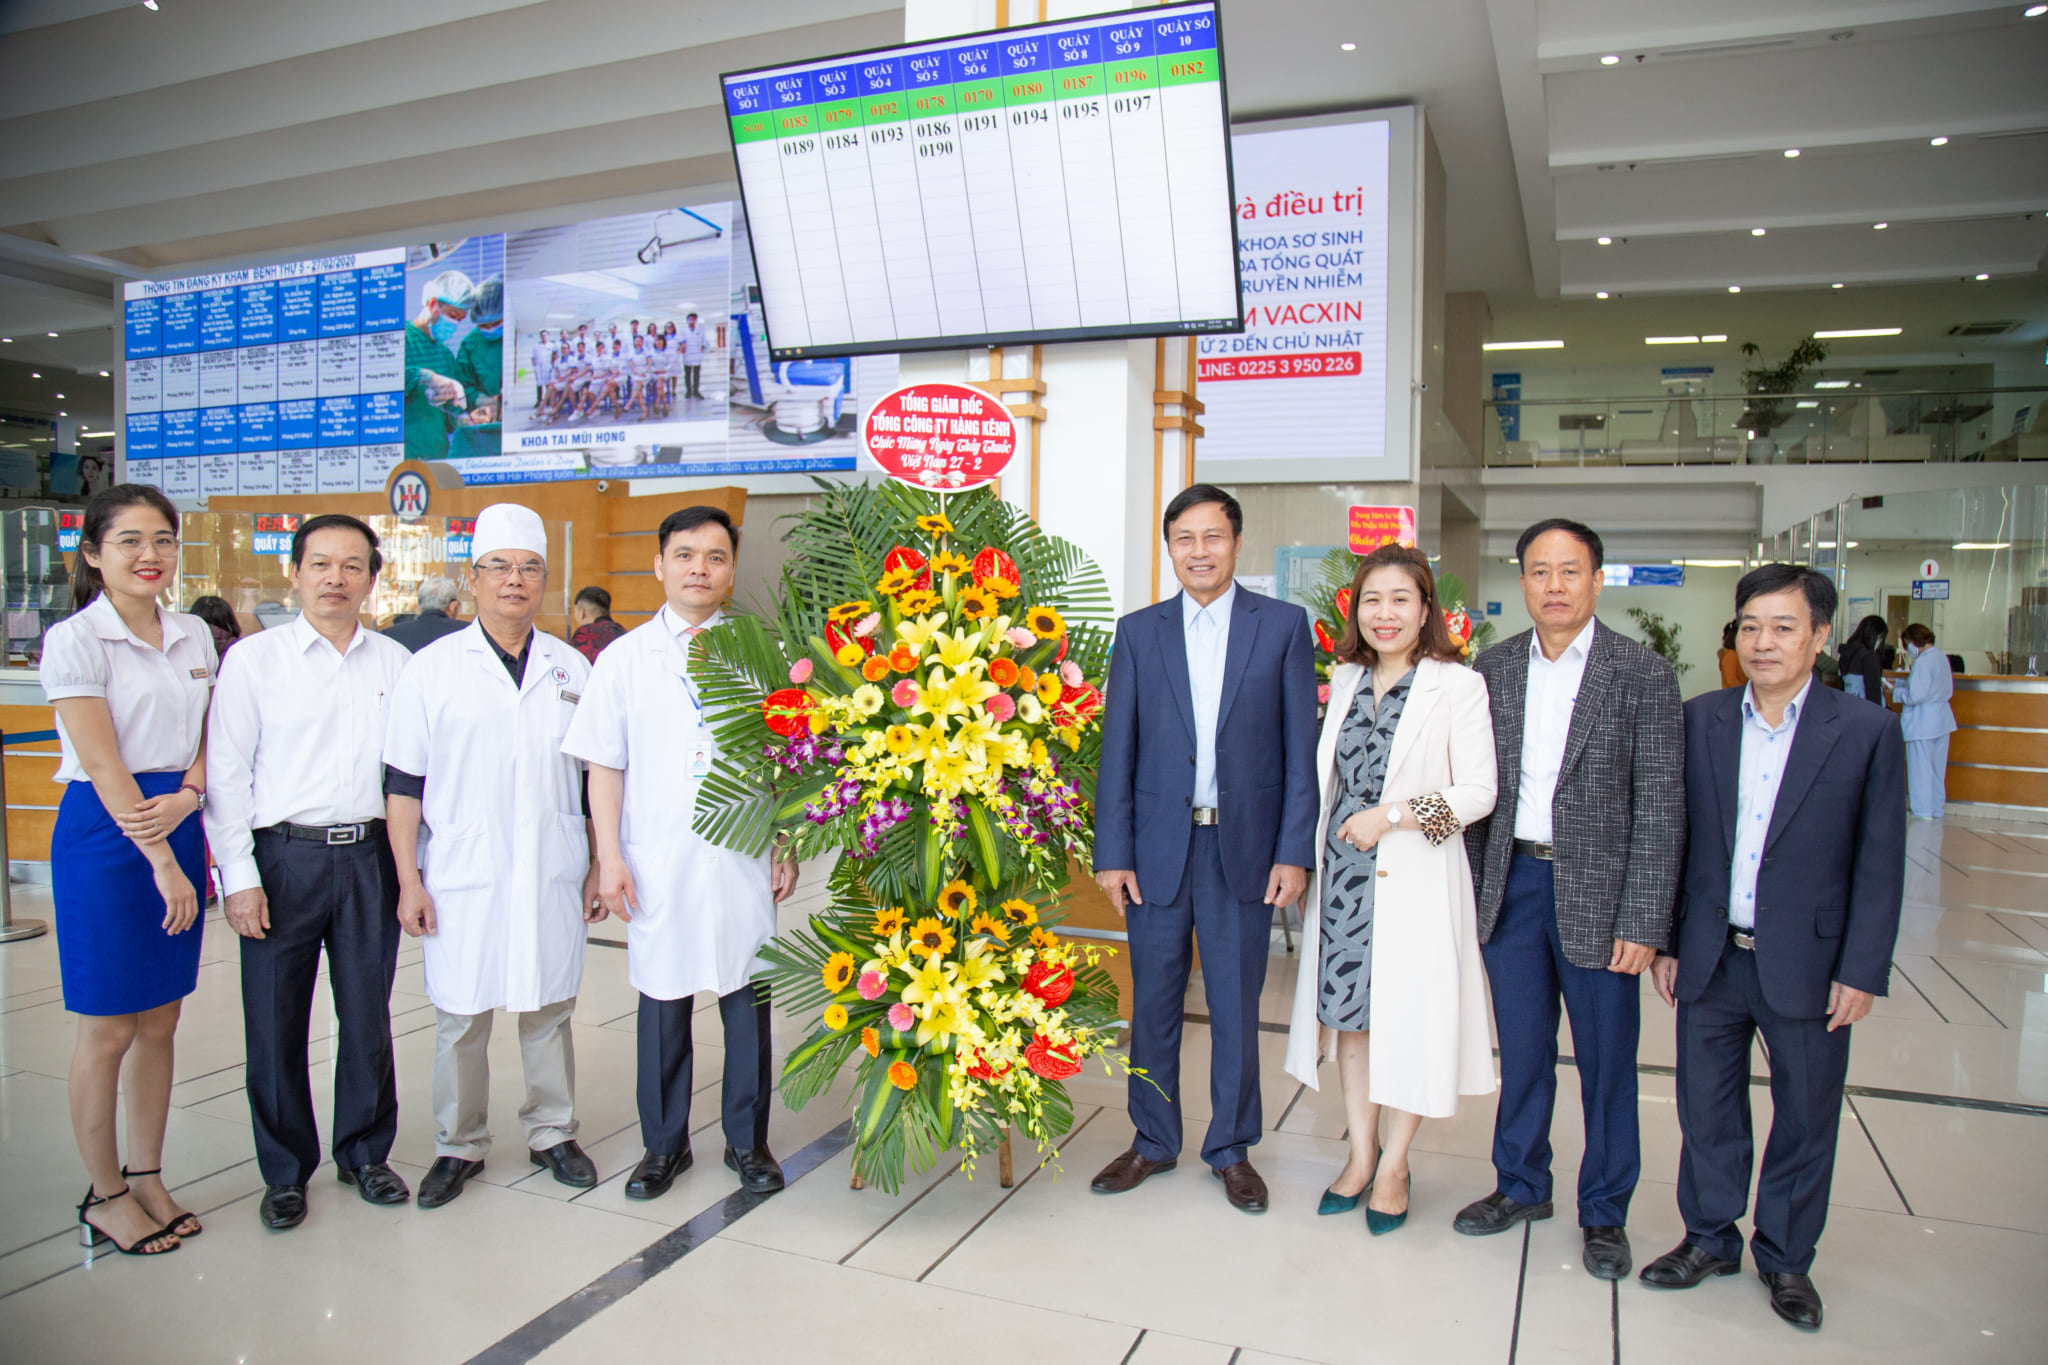 Ban lãnh đạo Tổng công ty Hàng Kênh - CTCP đã tặng hoa và gửi lời chúc mừng đến tập thể ban lãnh đạo bệnh viện đa khoa Quốc tế Hải Phòng